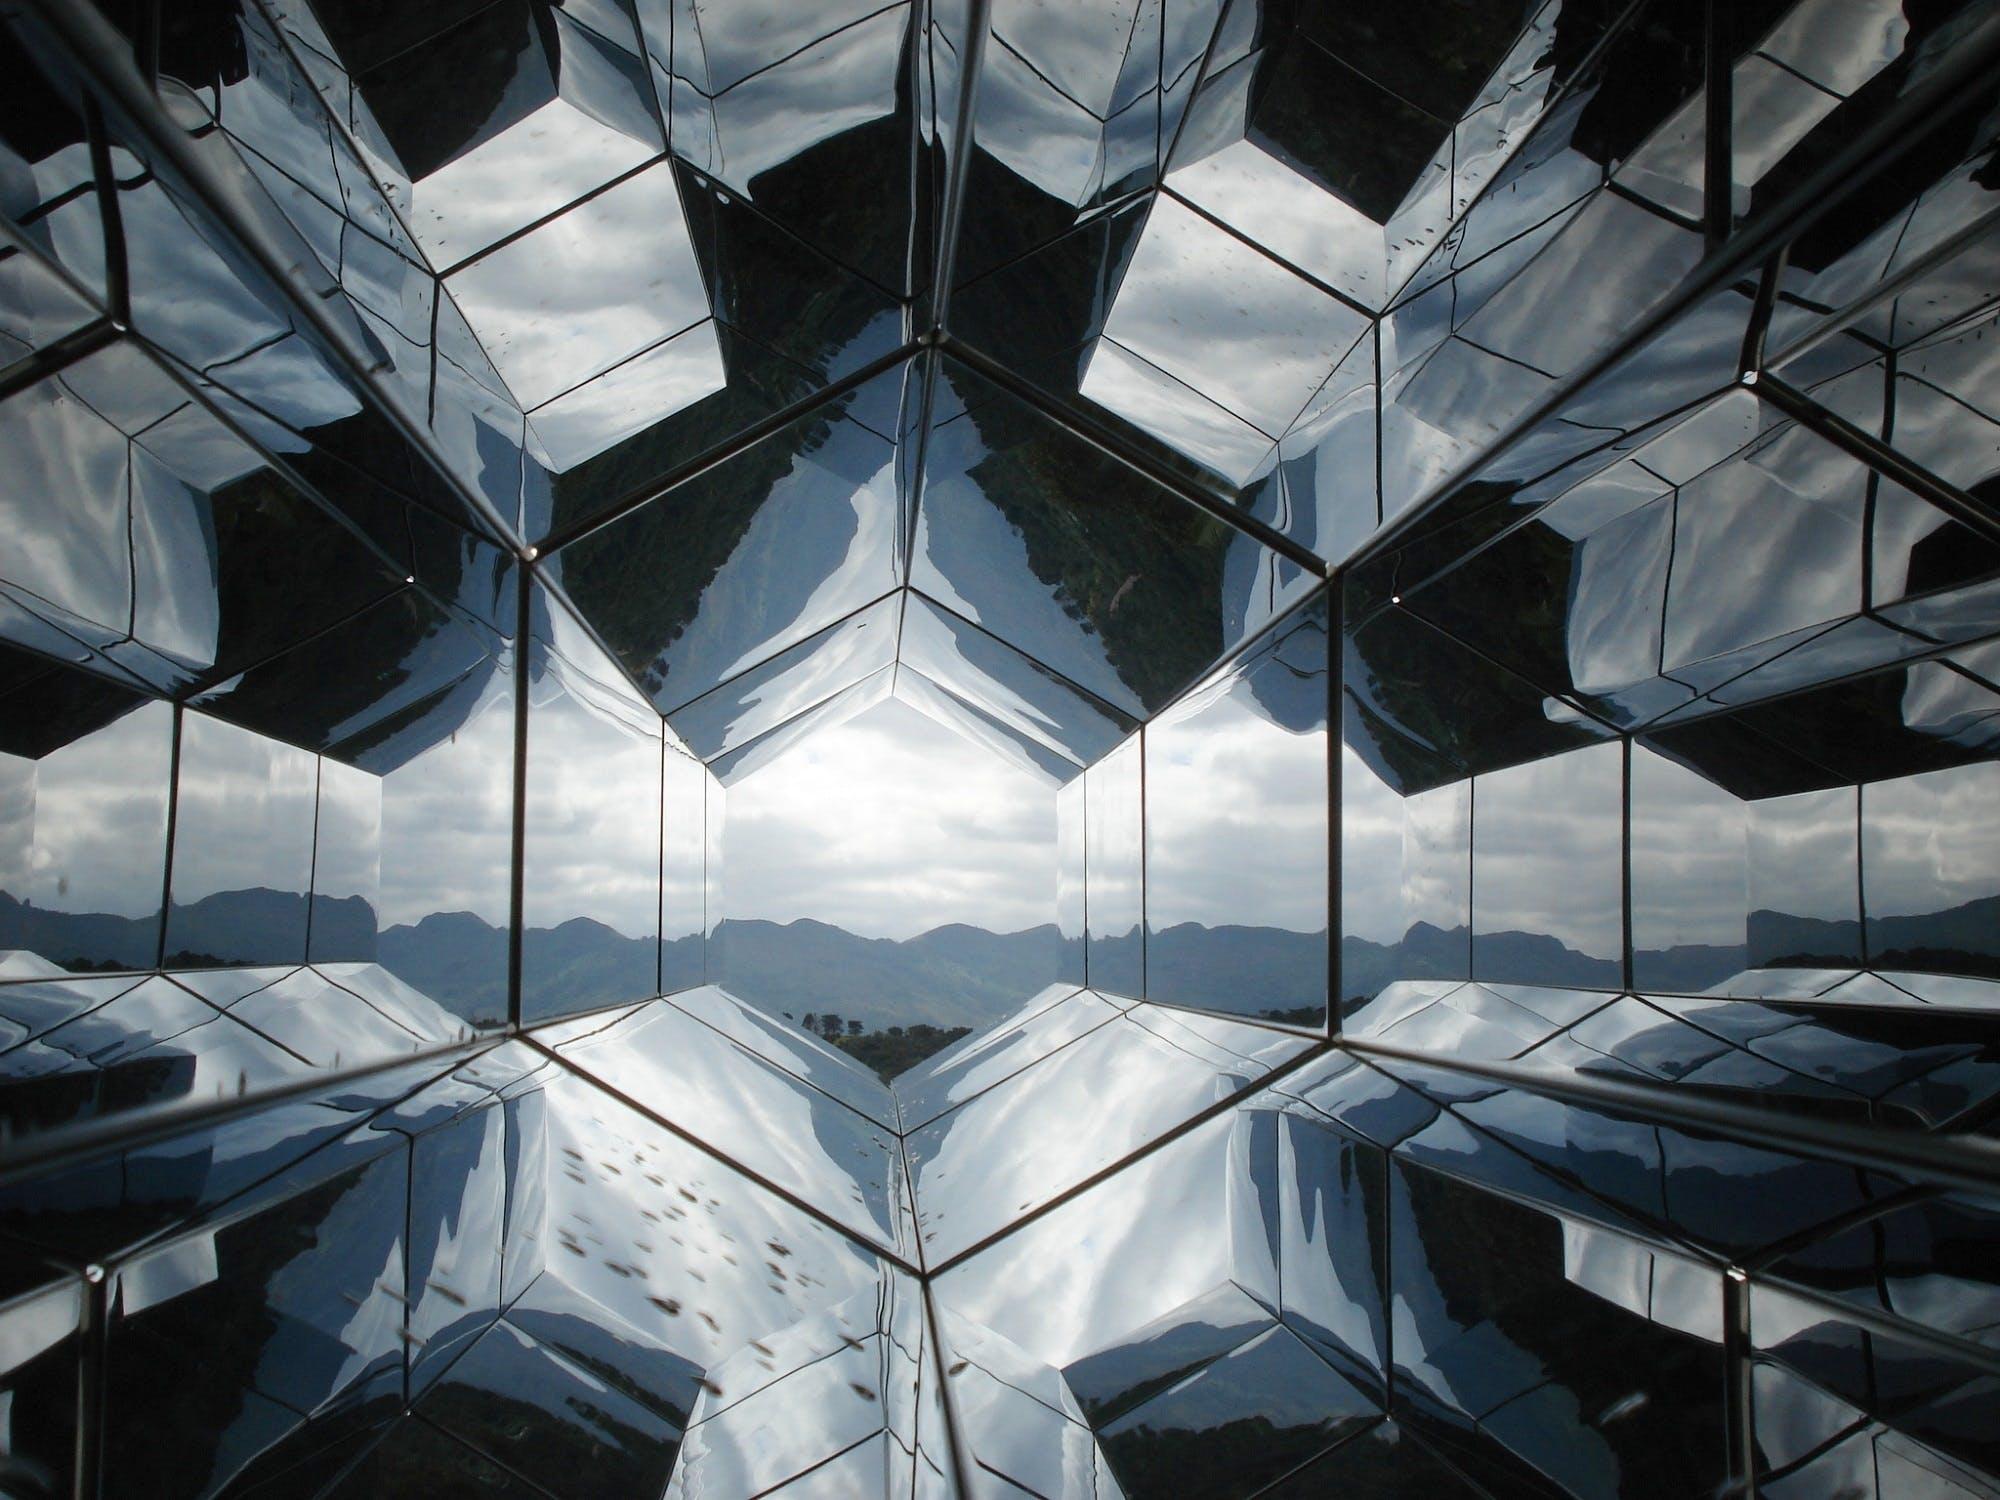 Free stock photo of mountains, winter, theme landmarks